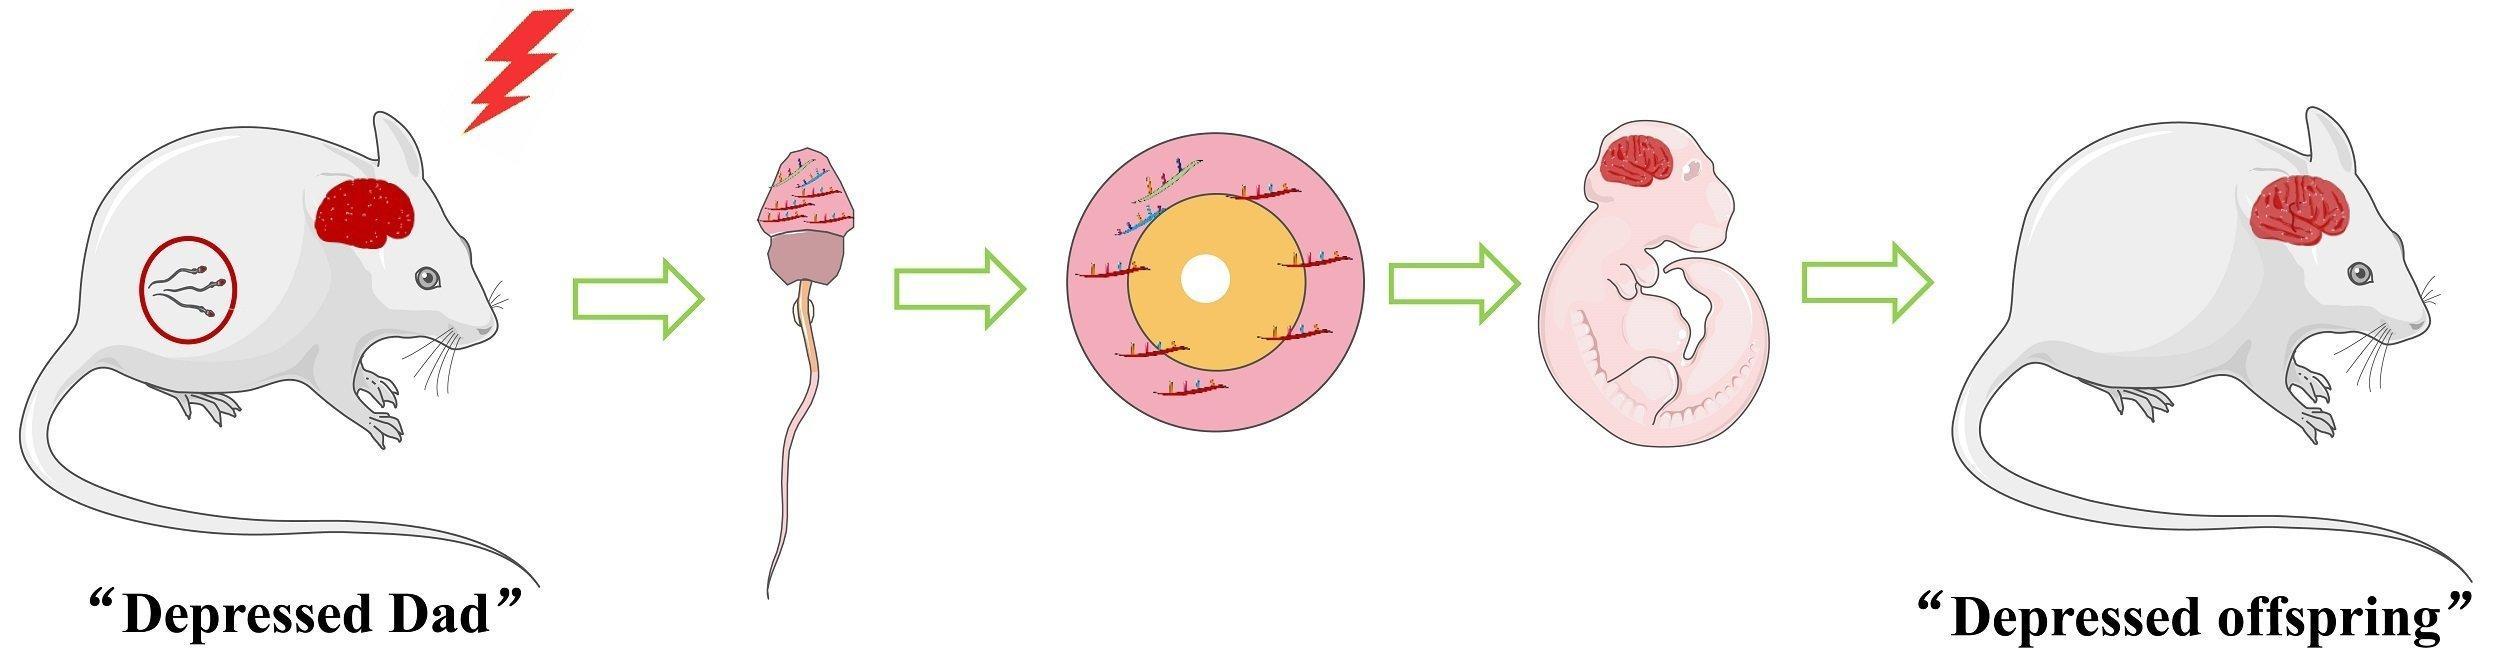 Zeichnung zeigt eine traumatisierte Maus mit epigenetisch verändertem Gehirn und veränderten Spermien. Die Veränderung wird über Spermium, befruchtete Eizelle und Embryo auf die Maus der nächsten Generation übertragen. Bei dieser ist nur noch das Gehirn verändert.